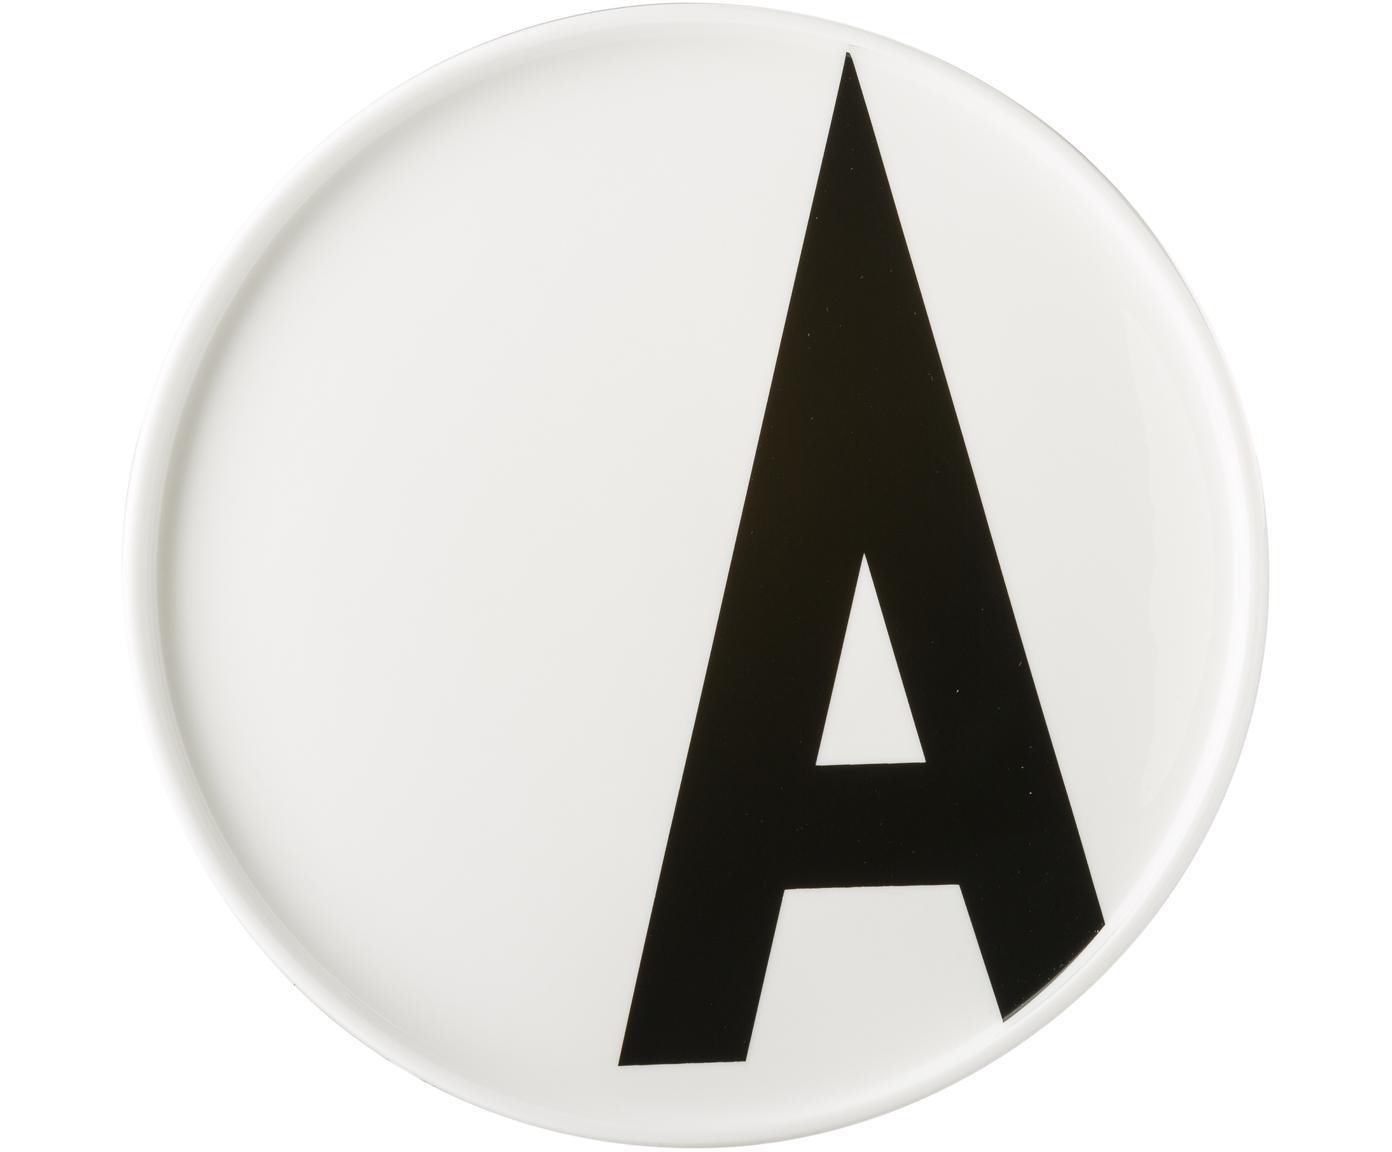 Piatto A (varianti dalla A alla Z), Porcellana Fine Bone China, Bianco, nero, Ø 22 x Alt. 2 cm